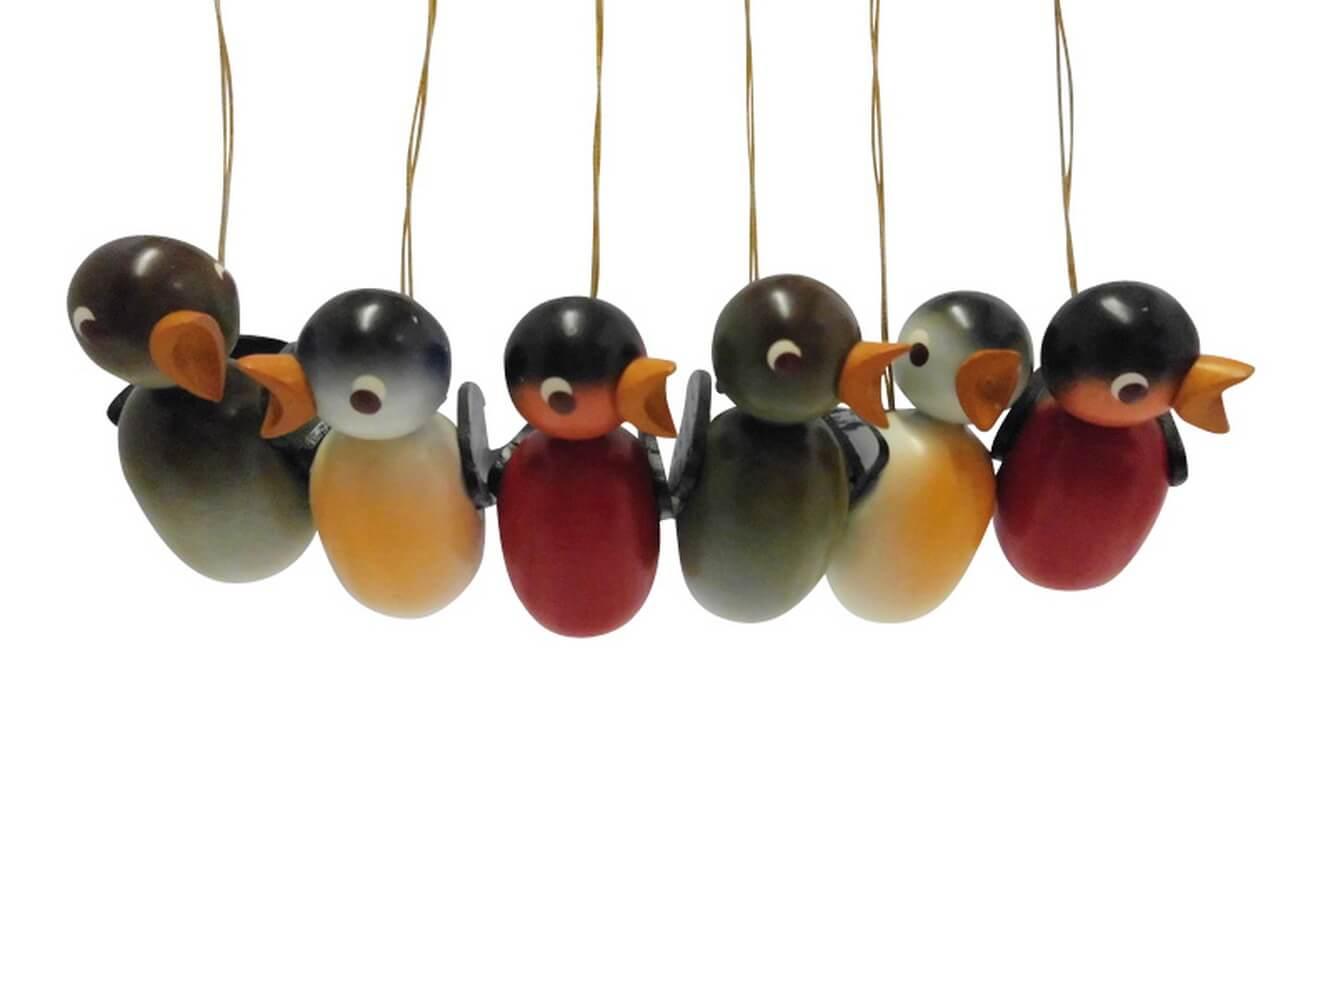 Vögel zum hängen, 6 Stück aus Buchenholz gefertigt, farbig lackiert, 5 cm von Nestler-Seiffen.com OHG Seiffen/ Erzgebirge